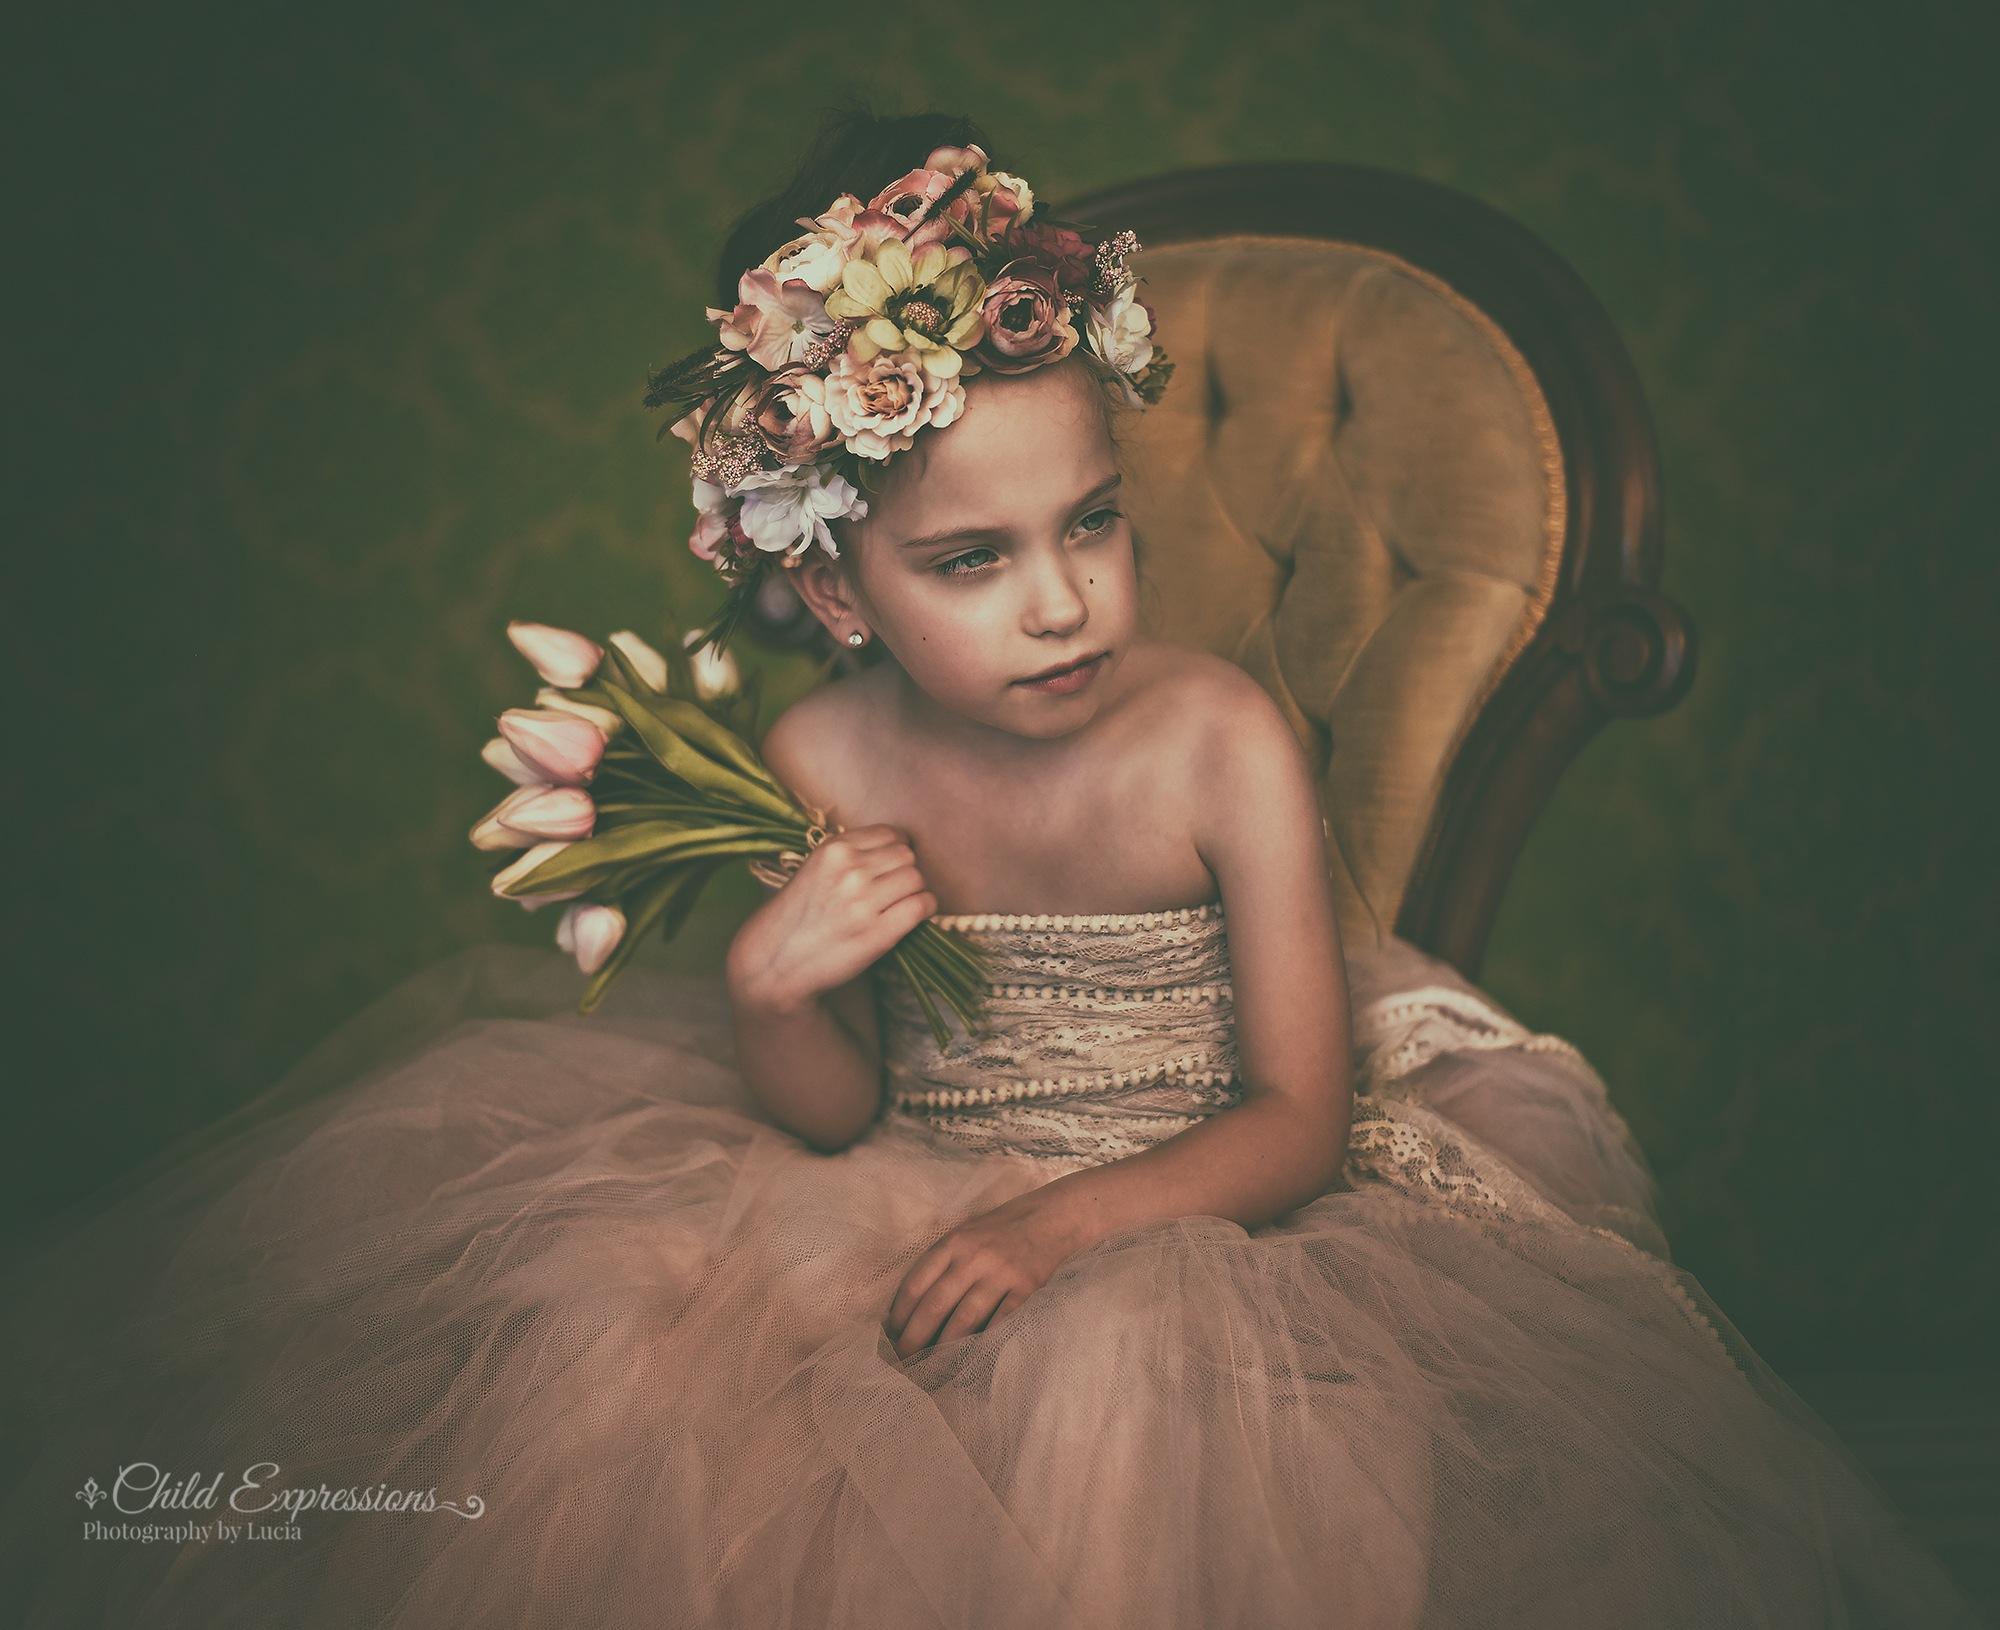 Vintage dreams by lucia